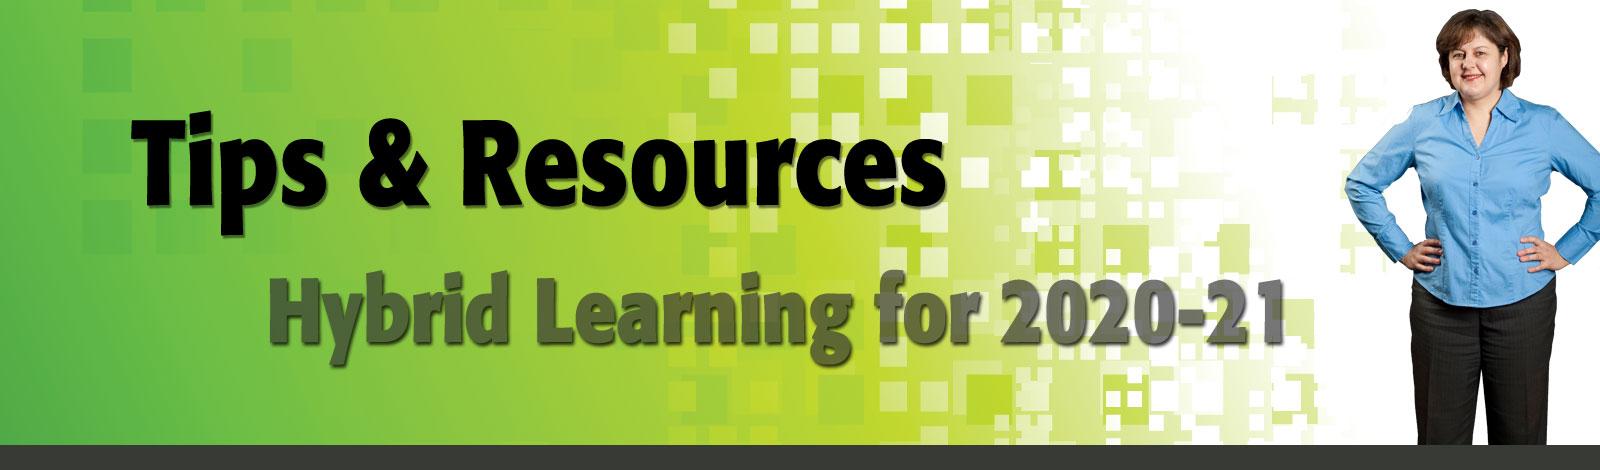 Hybrid Learning & Tips